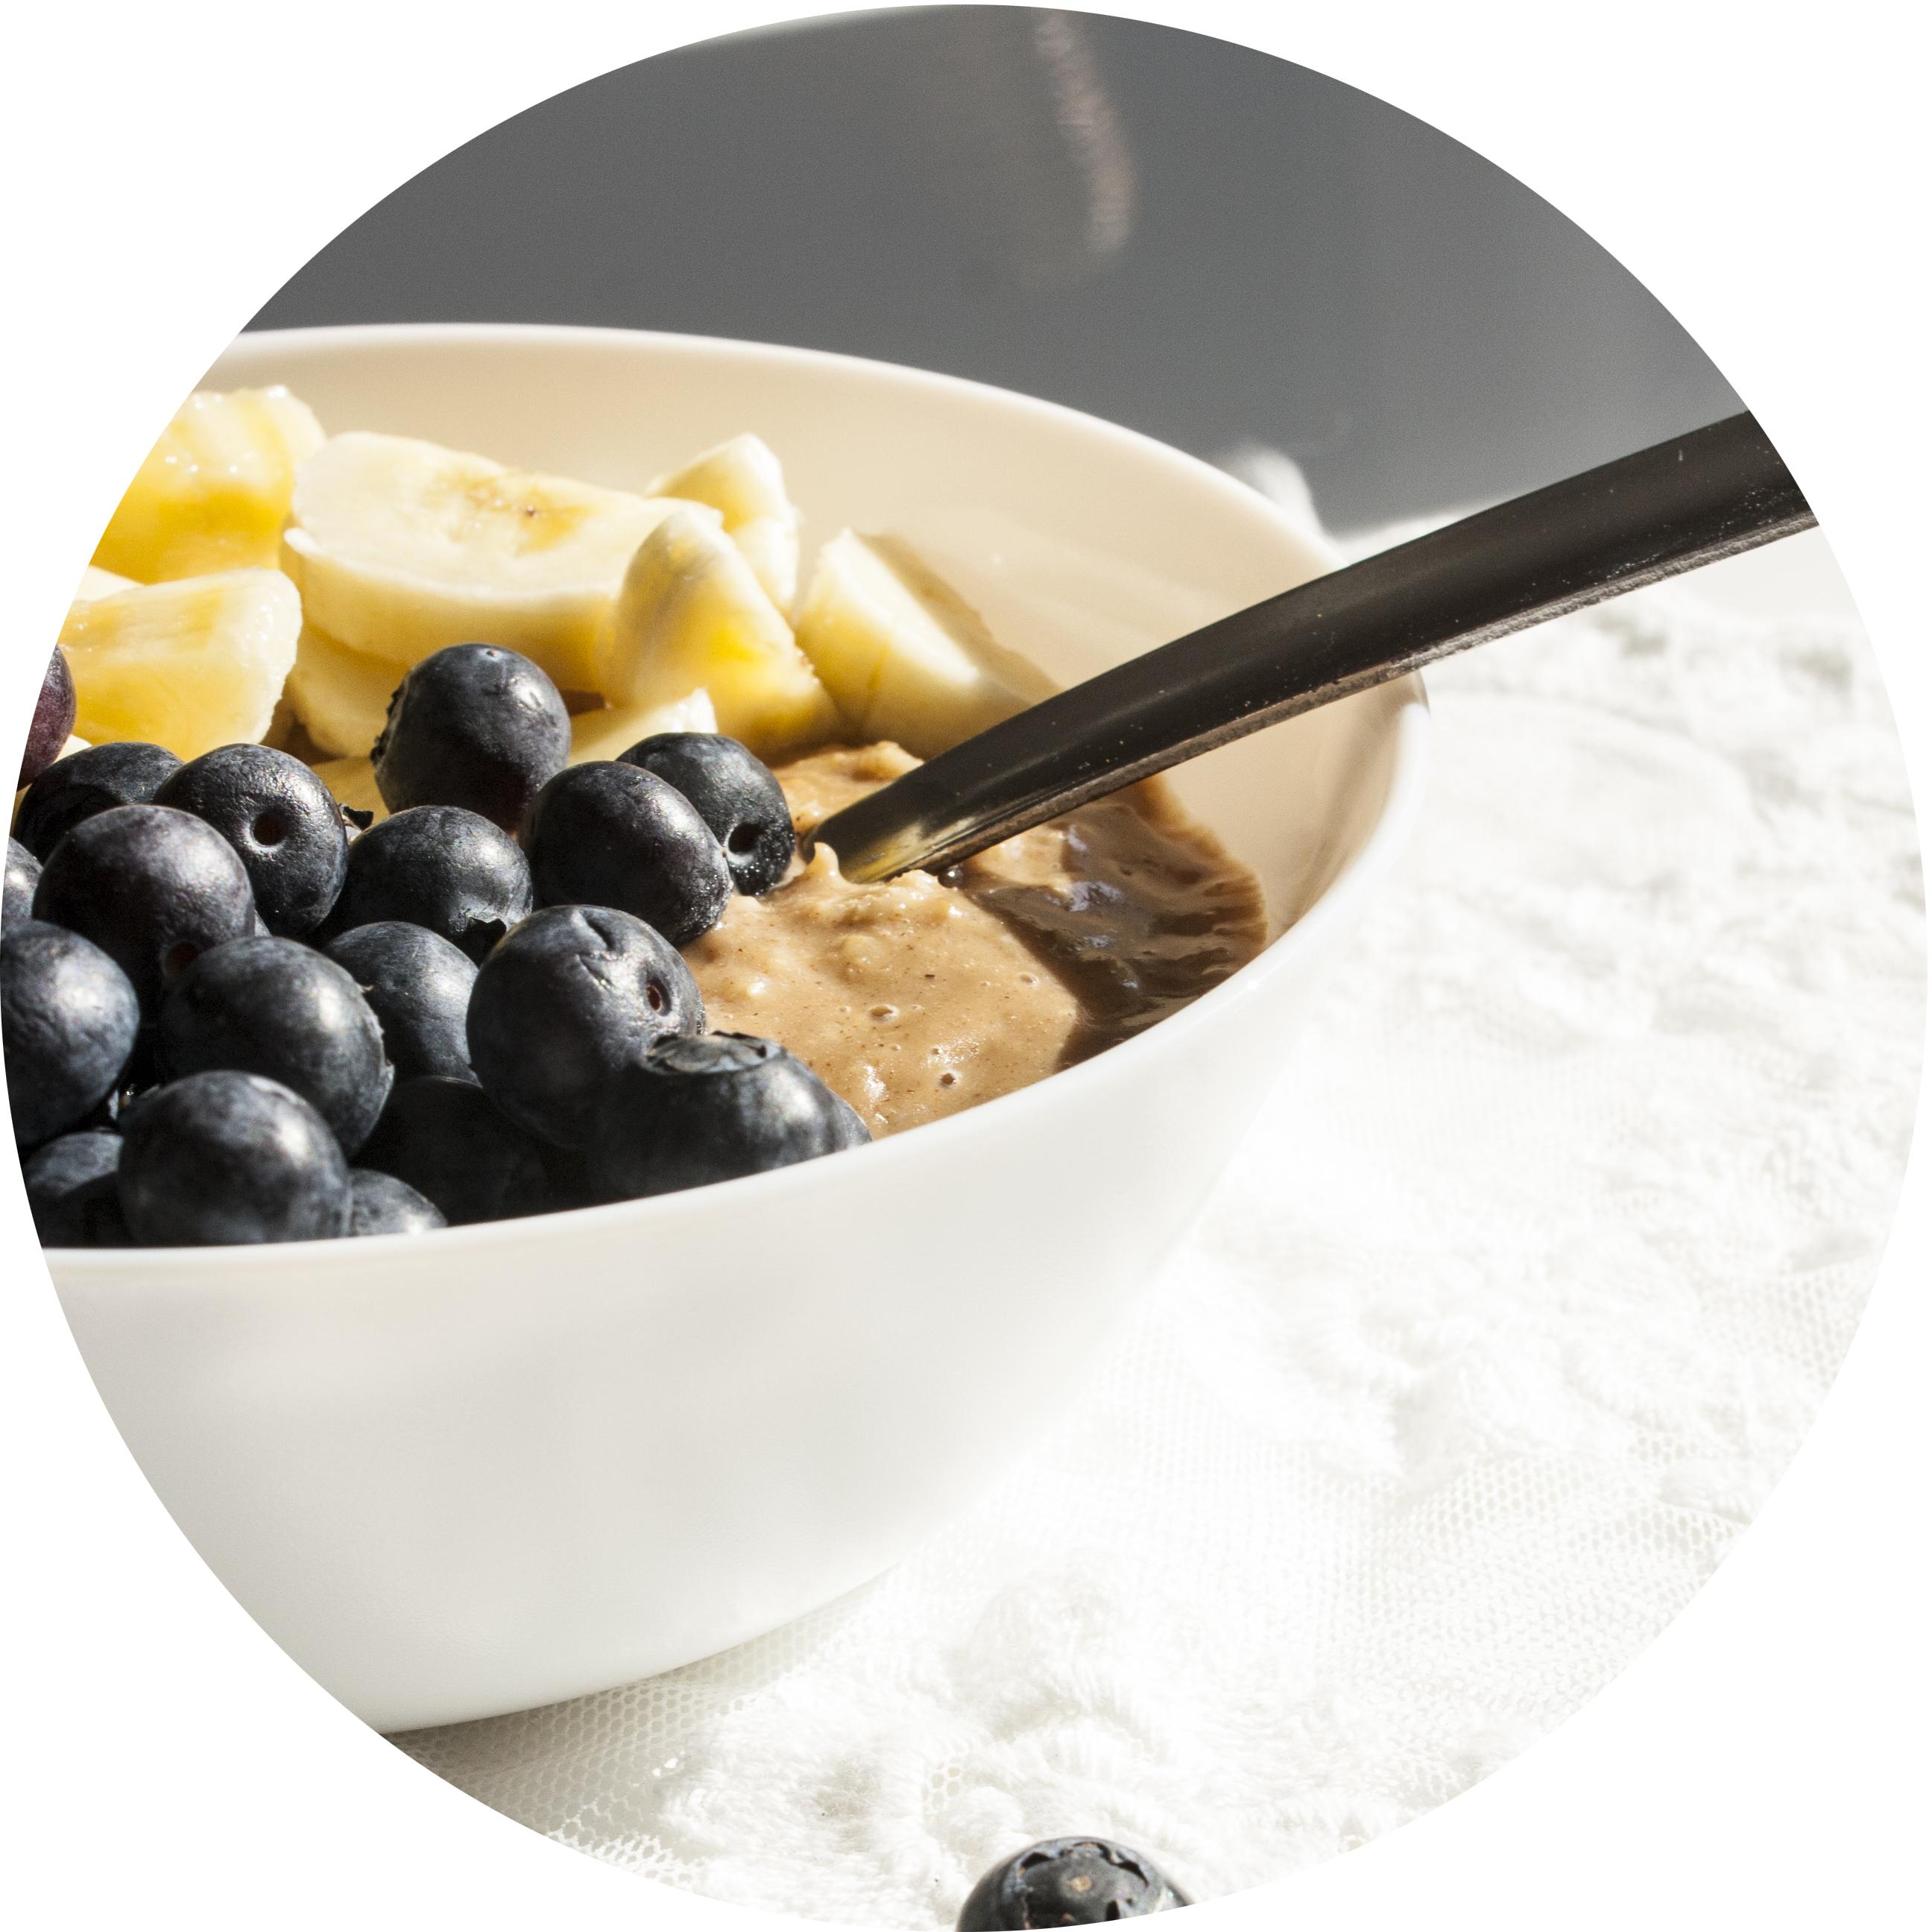 Wachmacher-Porridge mit Mandelmus und frischem Obst | Zuckergewitter.de